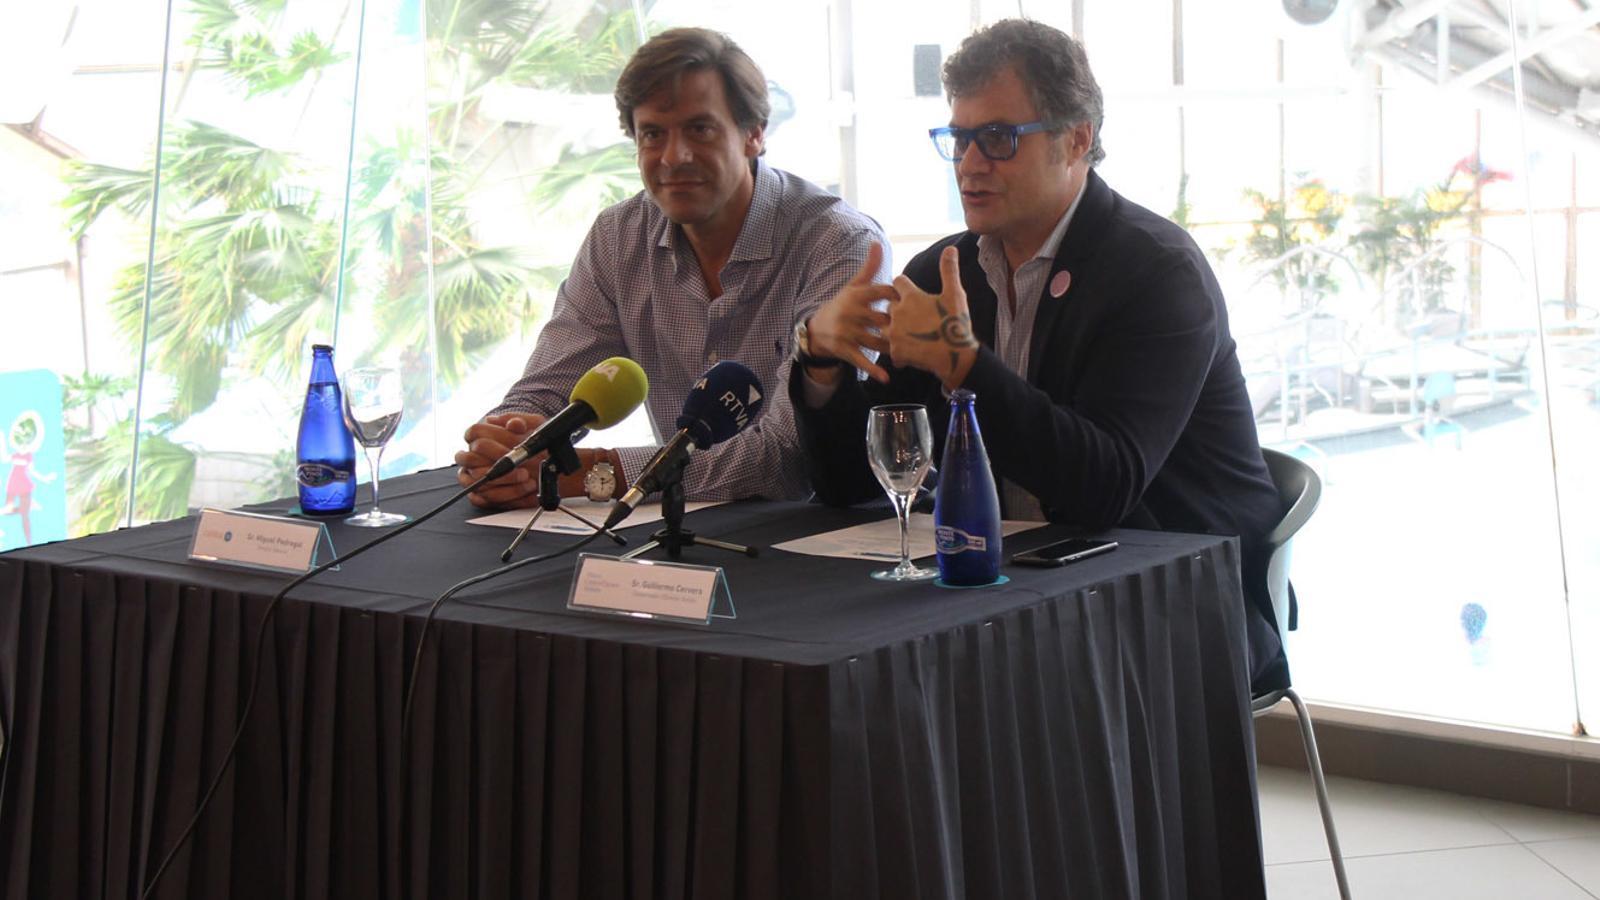 El director de Caldea, Miguel Pedregal, i el conservador i director artístic del Museu Carmen Thyssen, Guillermo Cervera, durant la presentació del concurs de dibuix d'aquest dijous. / M. P. (ANA)